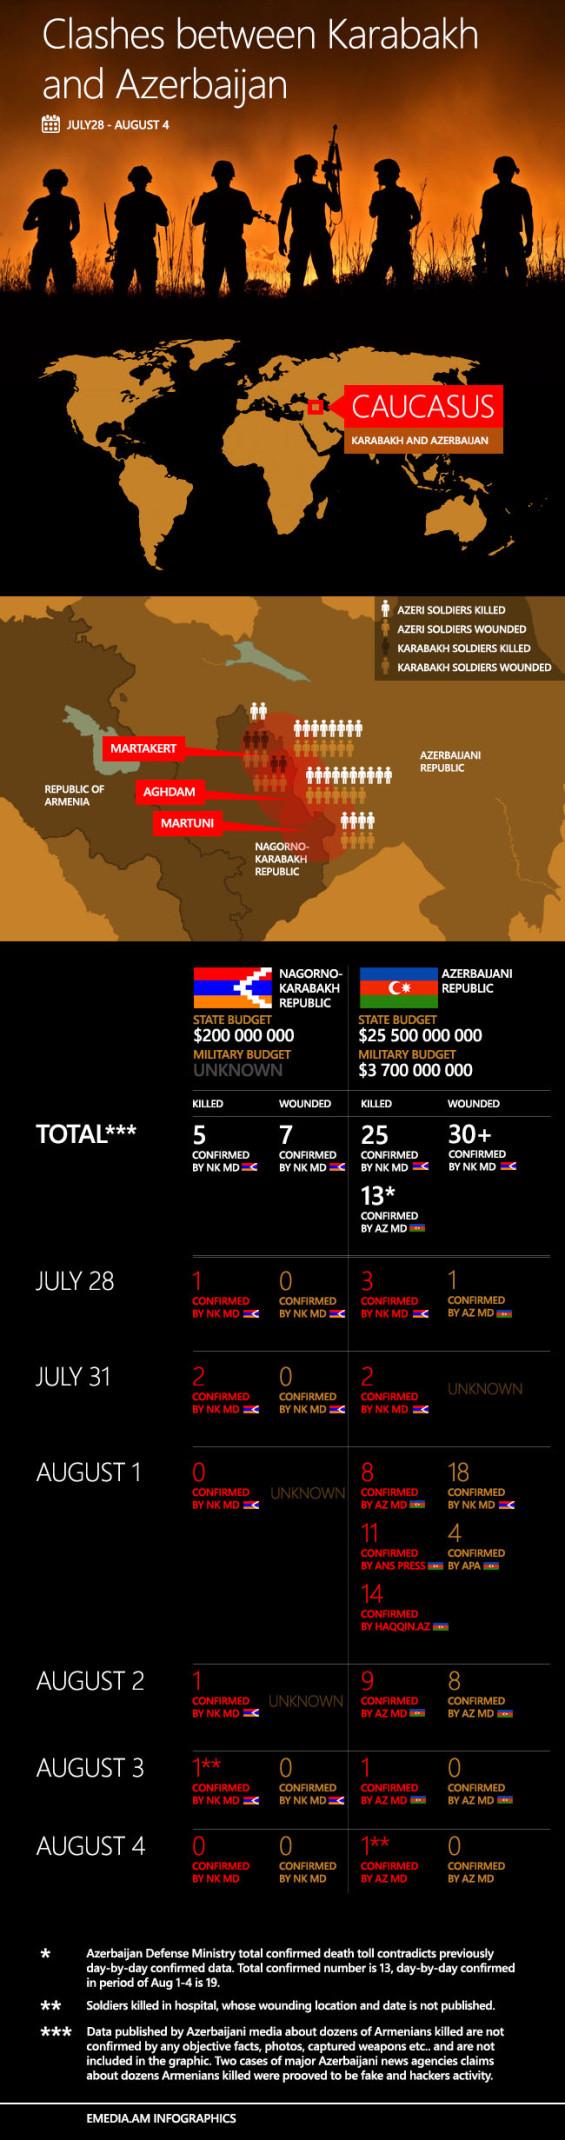 Хроника столкновений между Азербайджаном и Карабахом (инфографика)